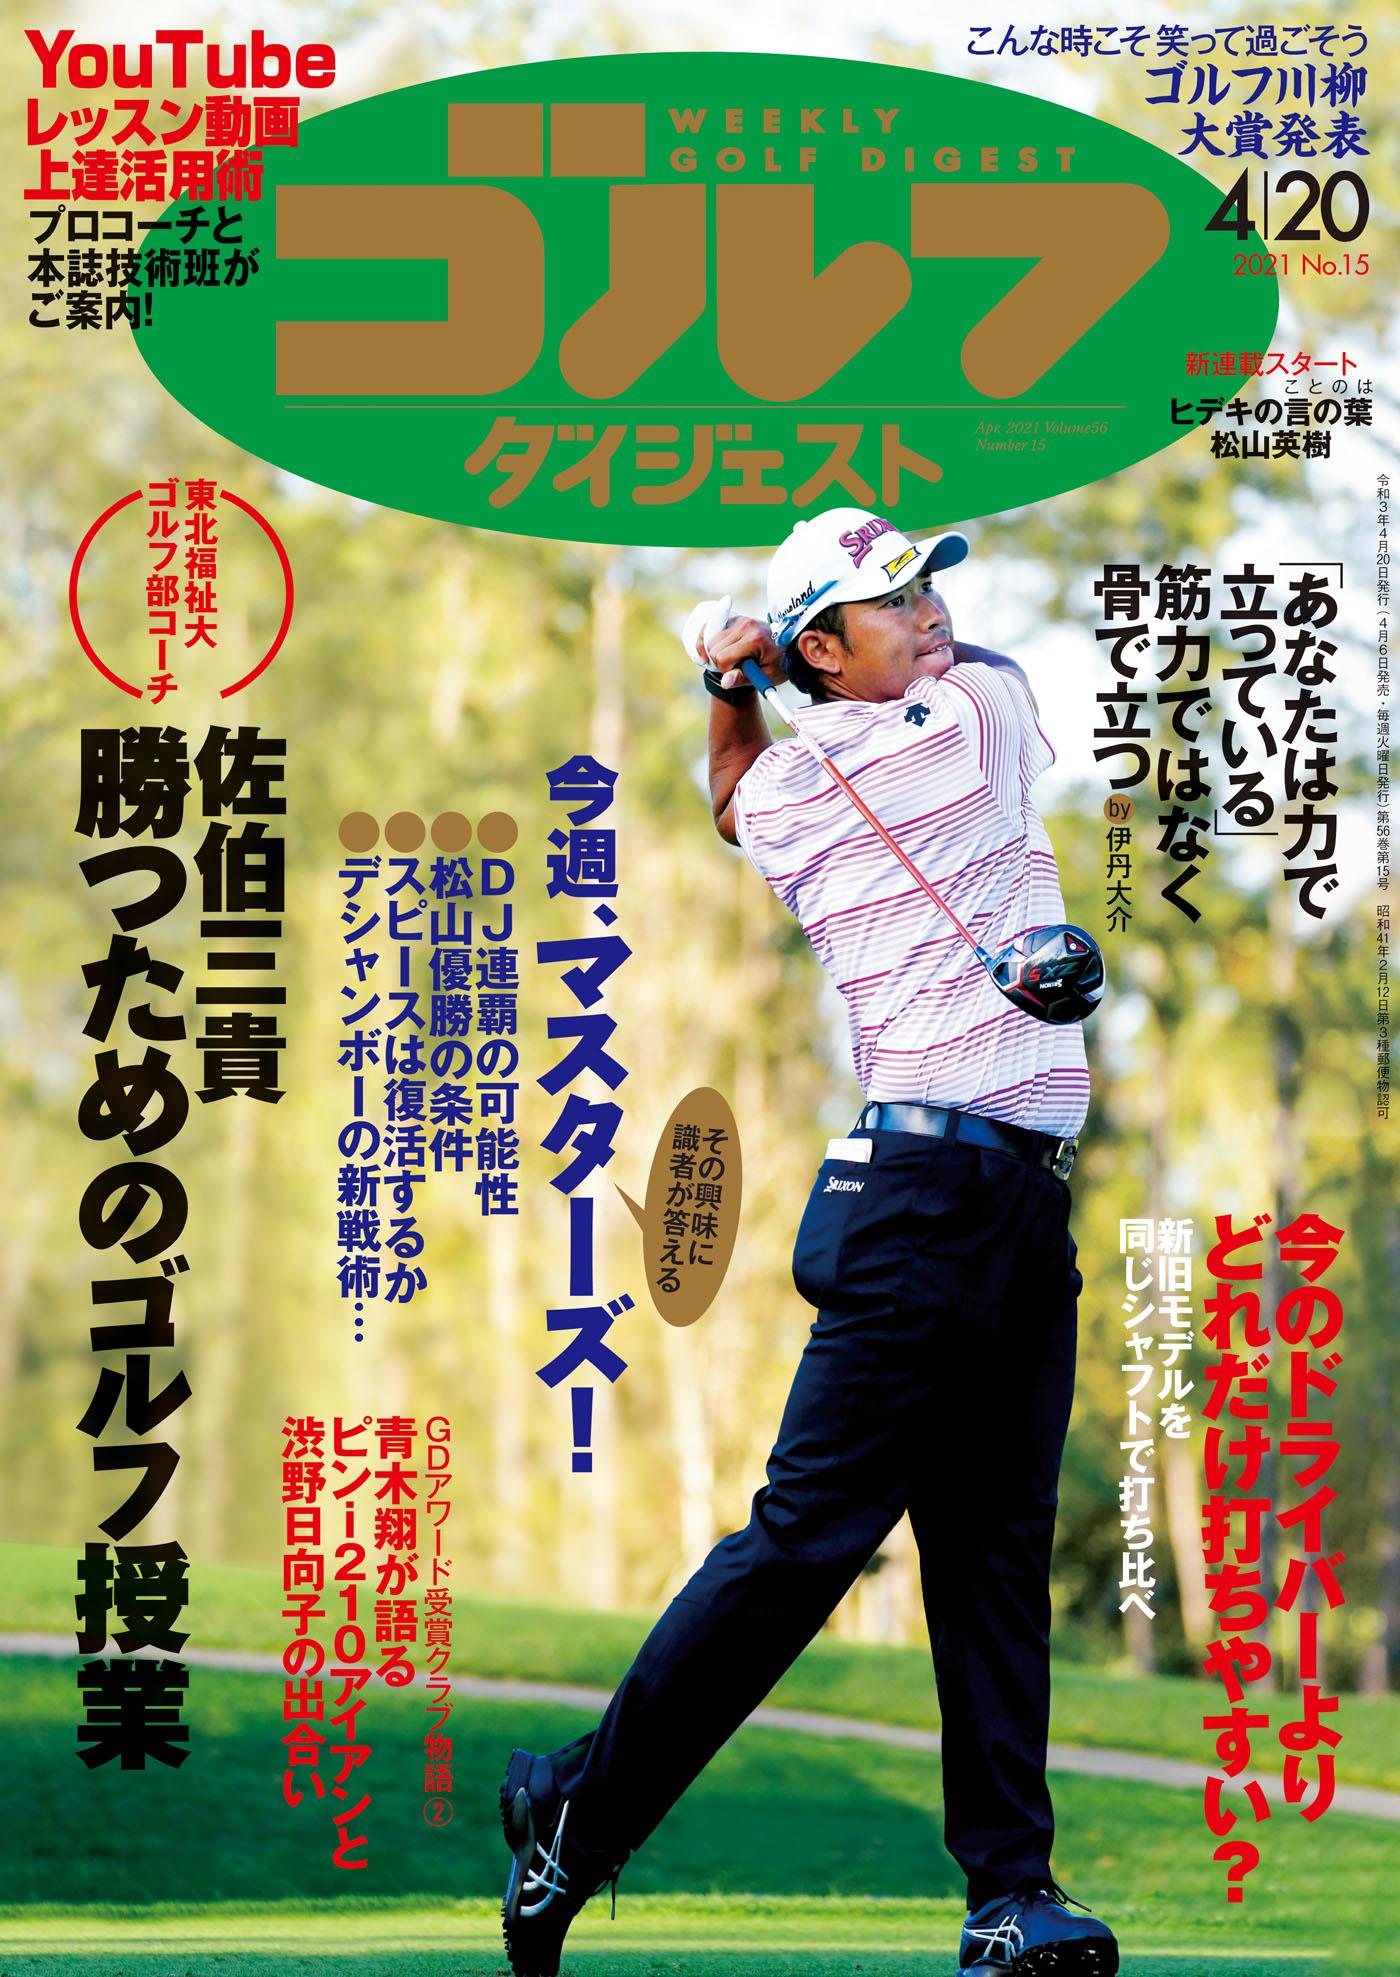 週刊ゴルフダイジェスト2021年4月20日号